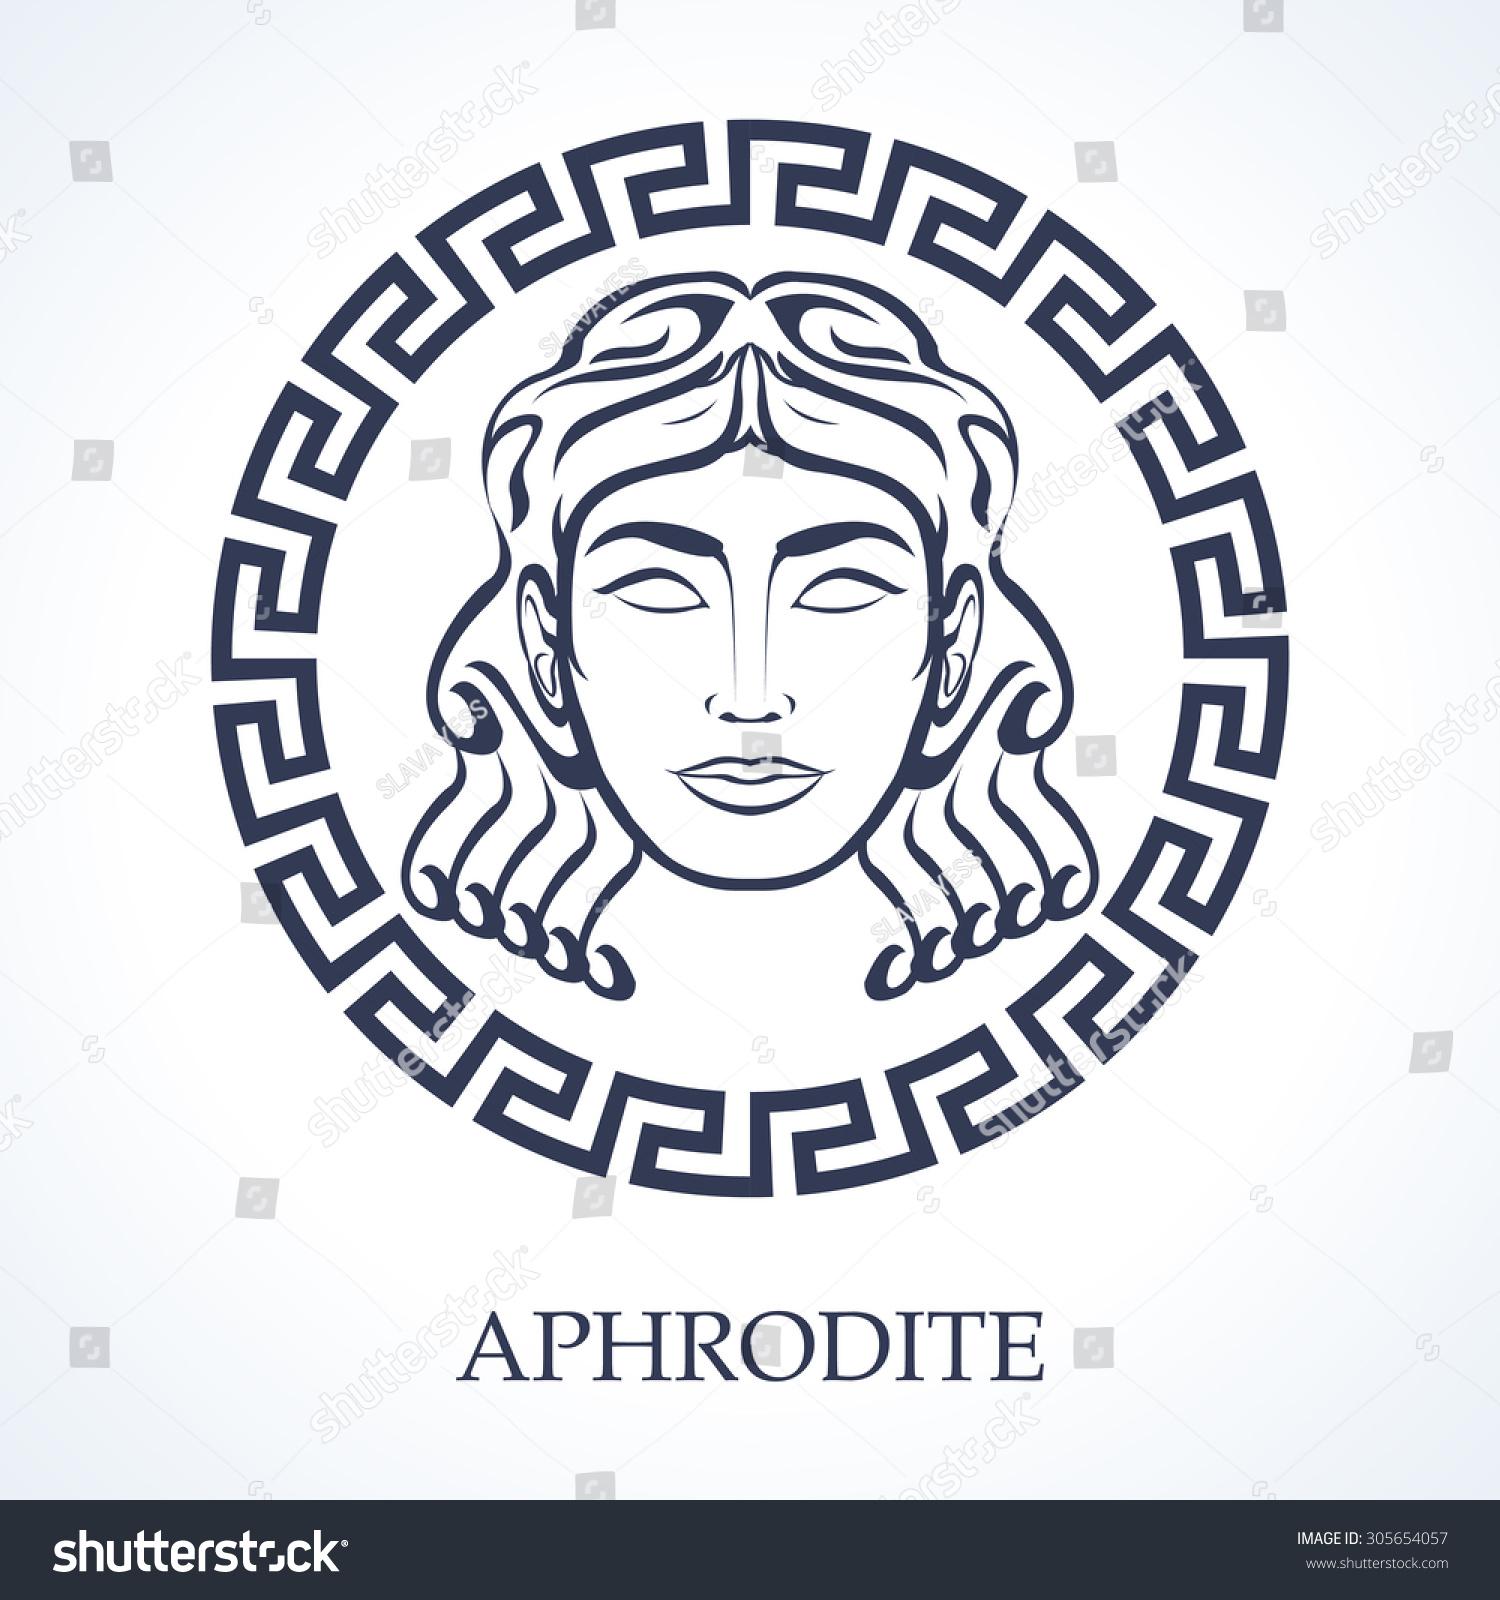 Aphrodite Symbols Greek Mythology 30172 Loadtve